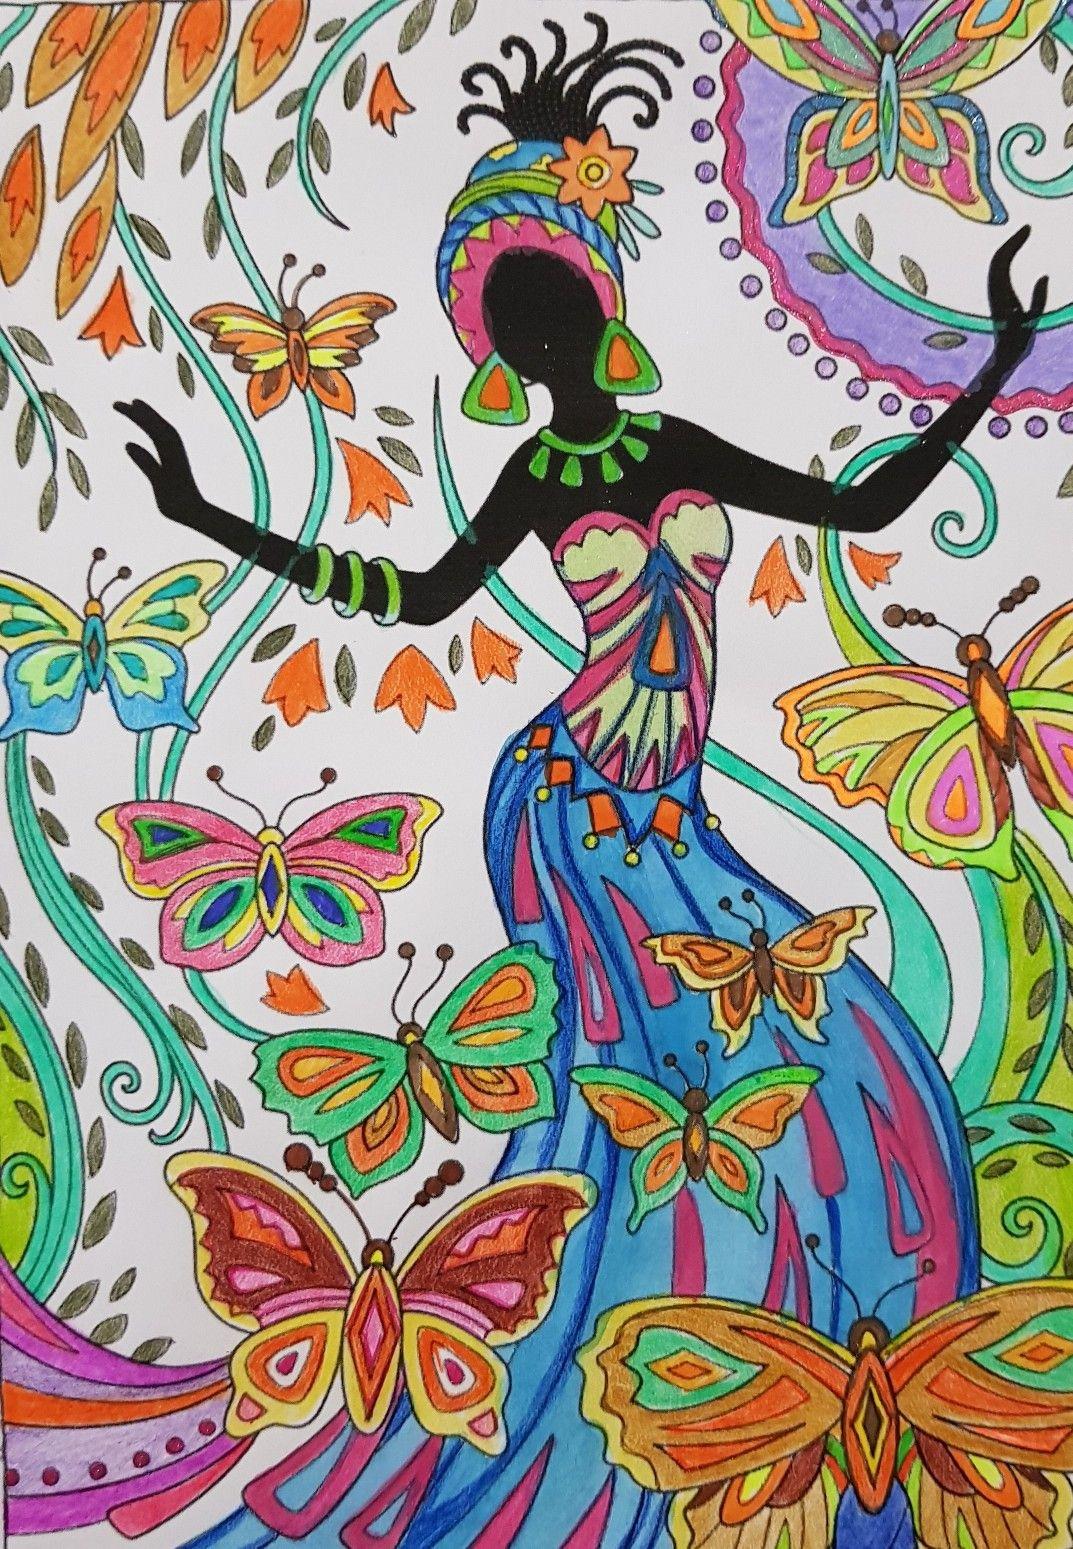 африканские картинки как рисовать